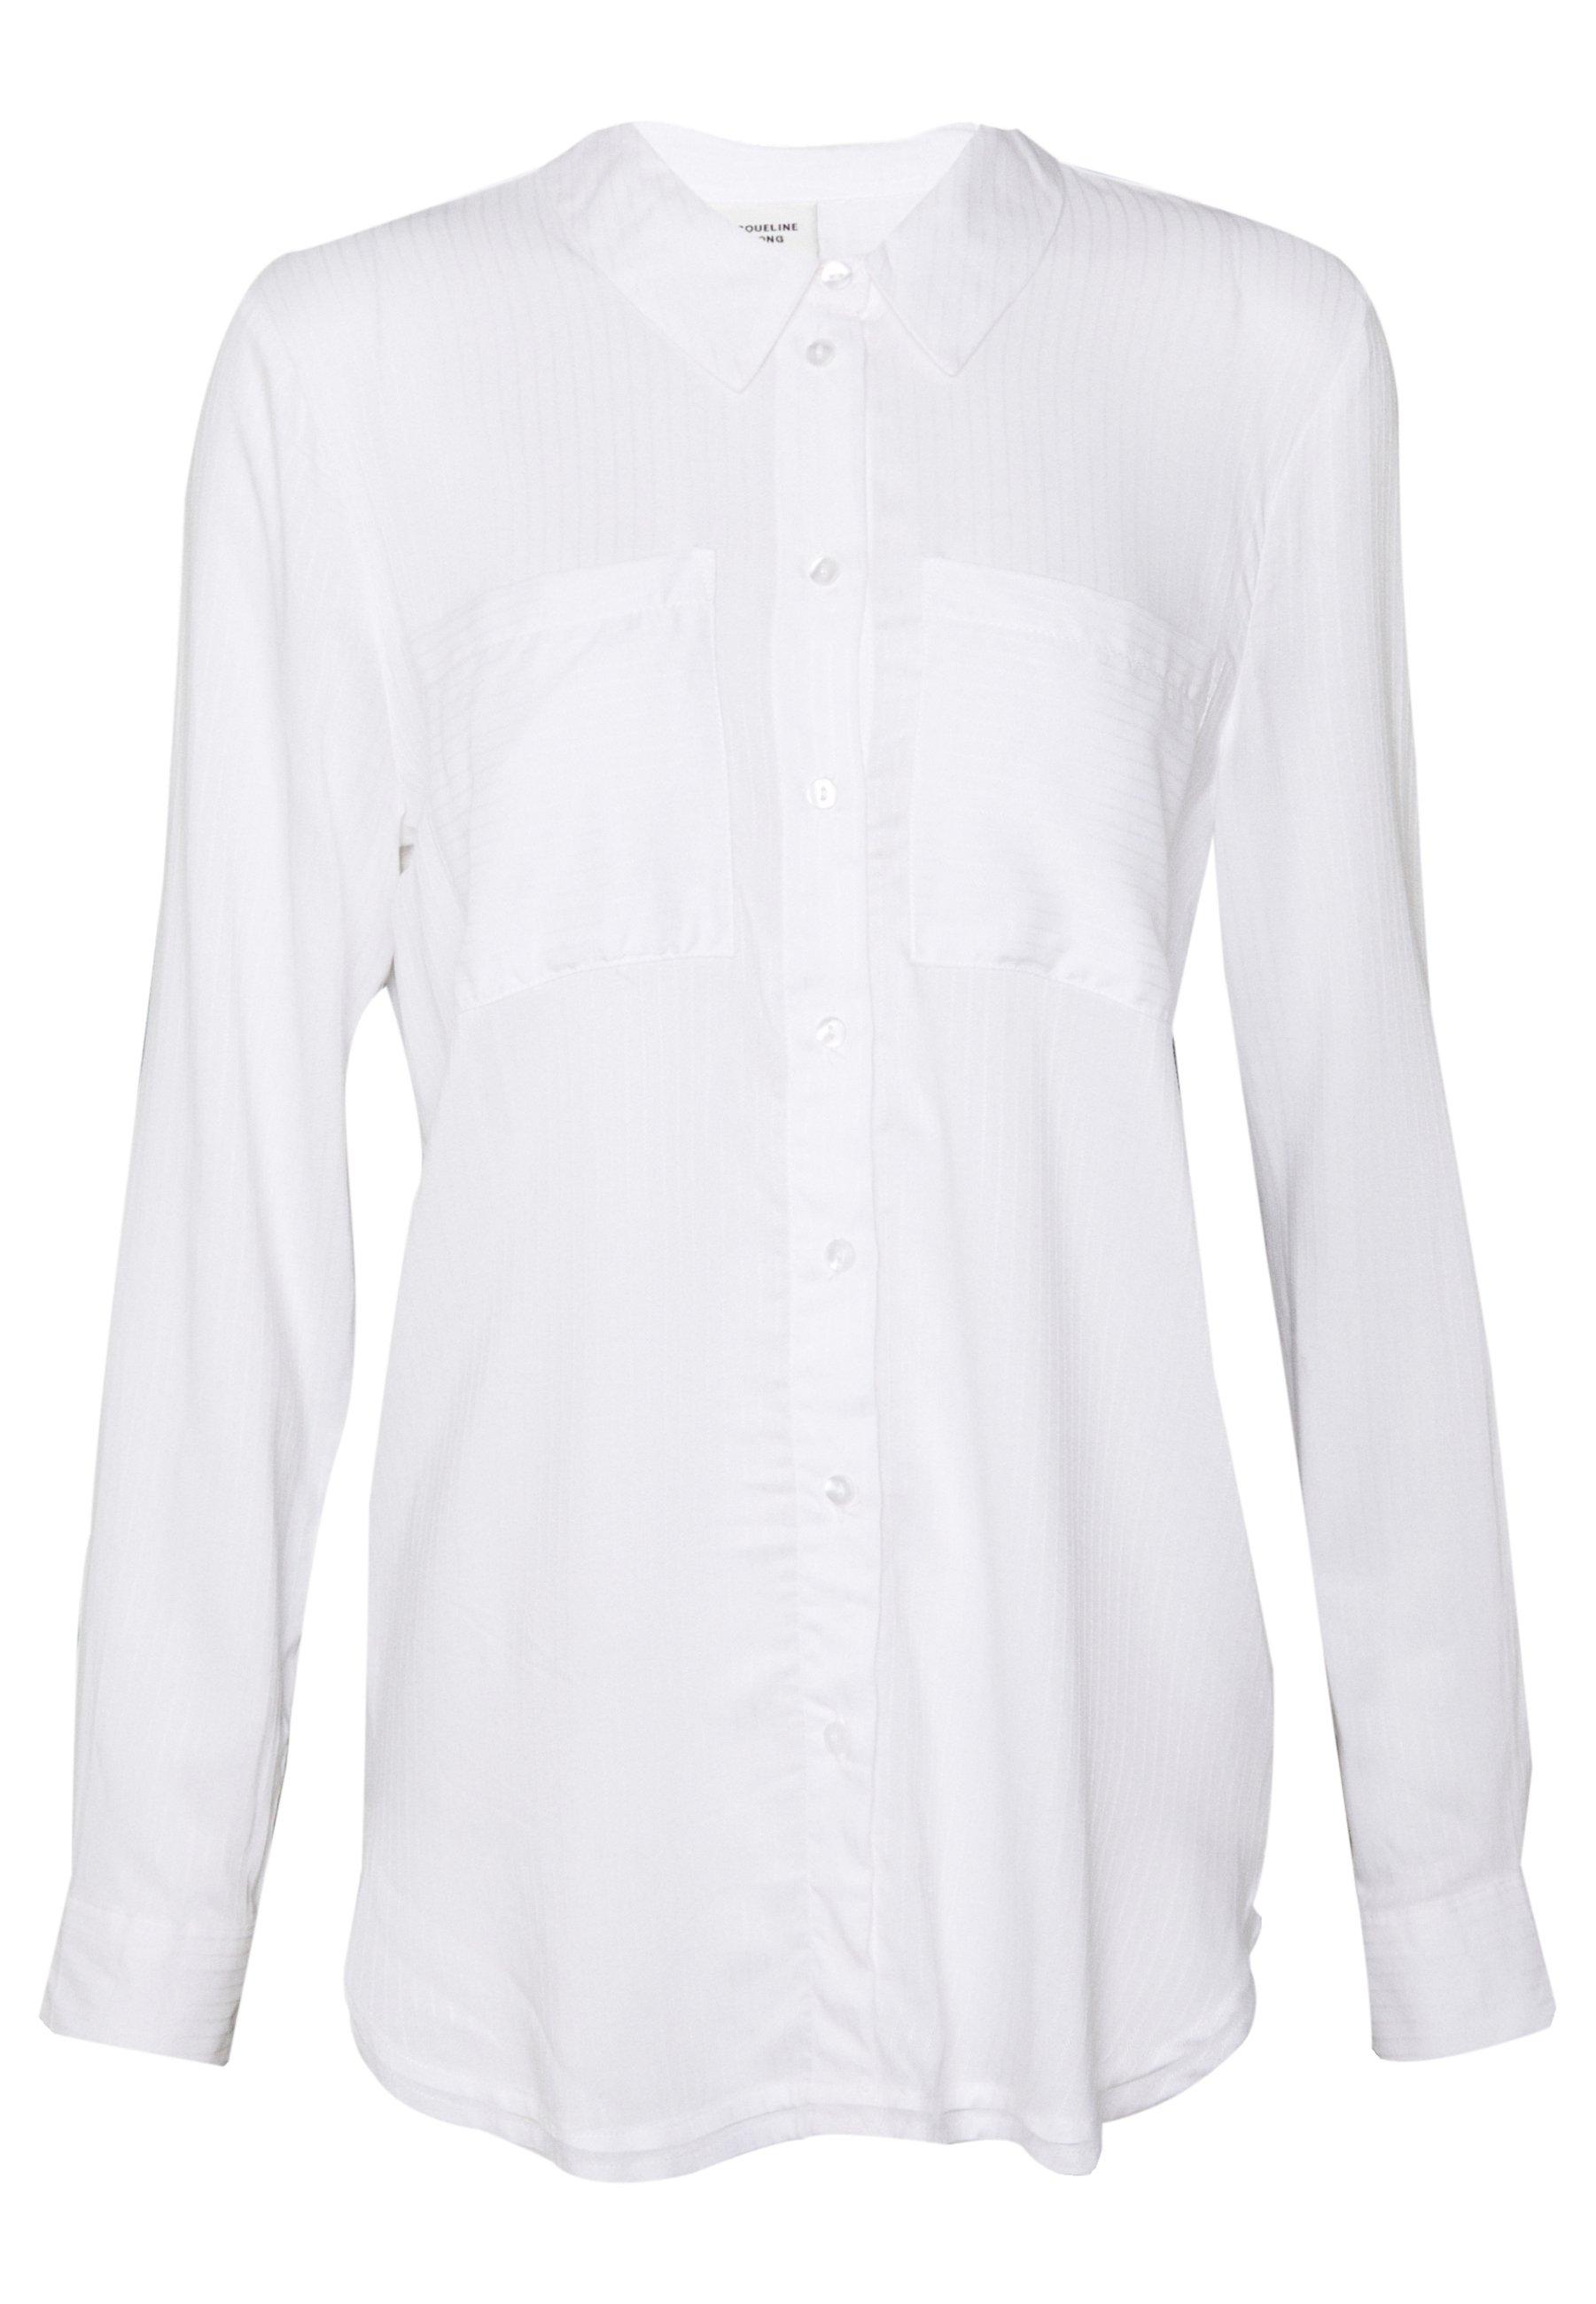 JDY JDYTOM SHIRT - Koszula - bright white